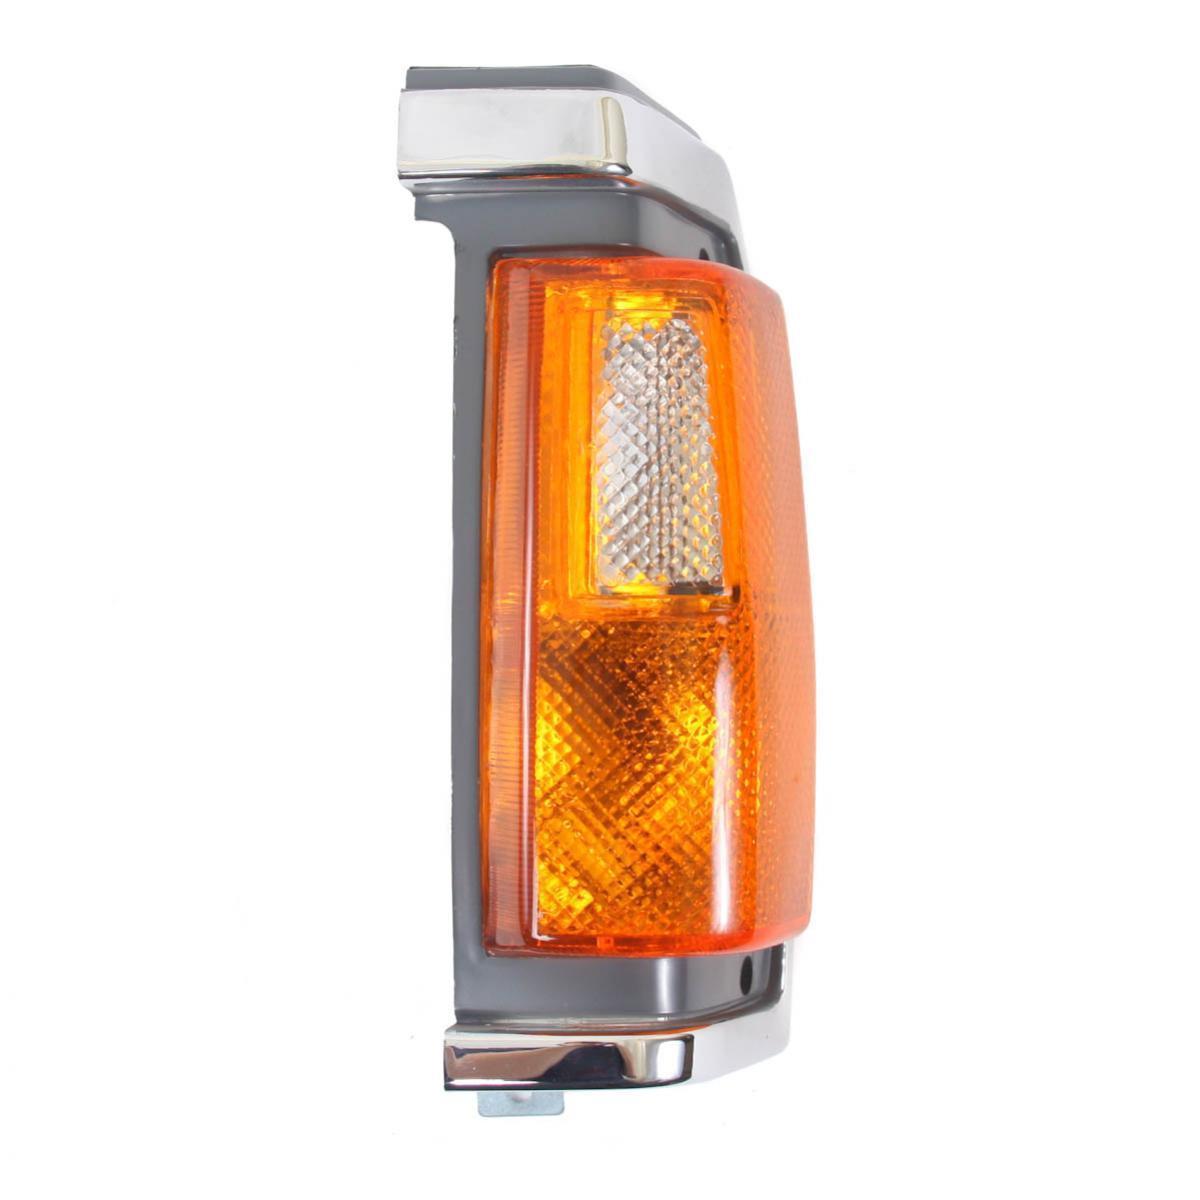 コーナーライト Corner Lights Lamp Chrome/Black Left Fits Nissan Big-M Navara Truck 1986-1990 コーナーライトランプクロム/ブラック左フィット日産ビッグMナバラトラック1986-1990